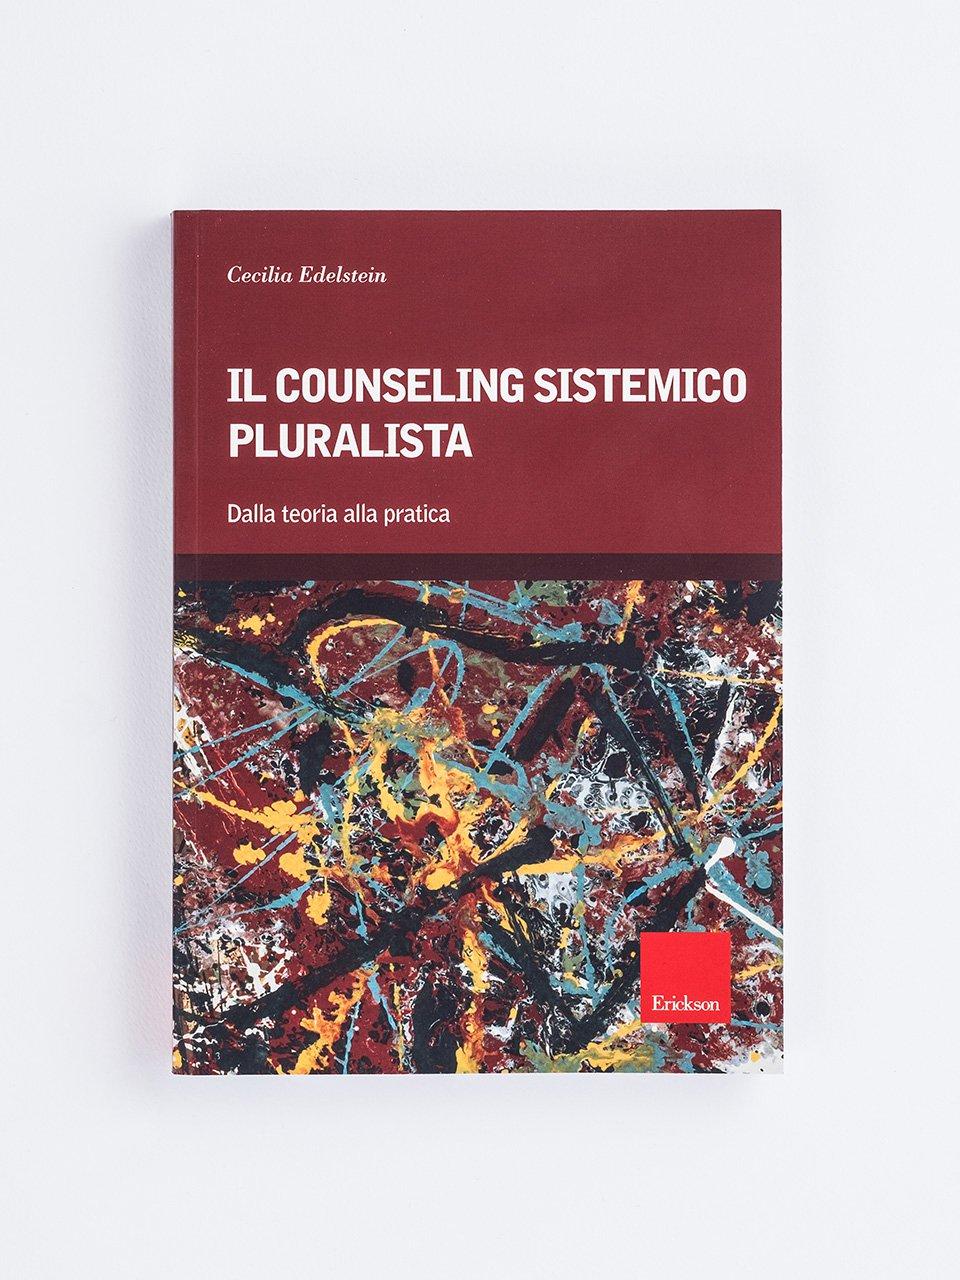 Il counseling sistemico pluralista - Libri e eBook di Saggistica: novità e classici - Erickson